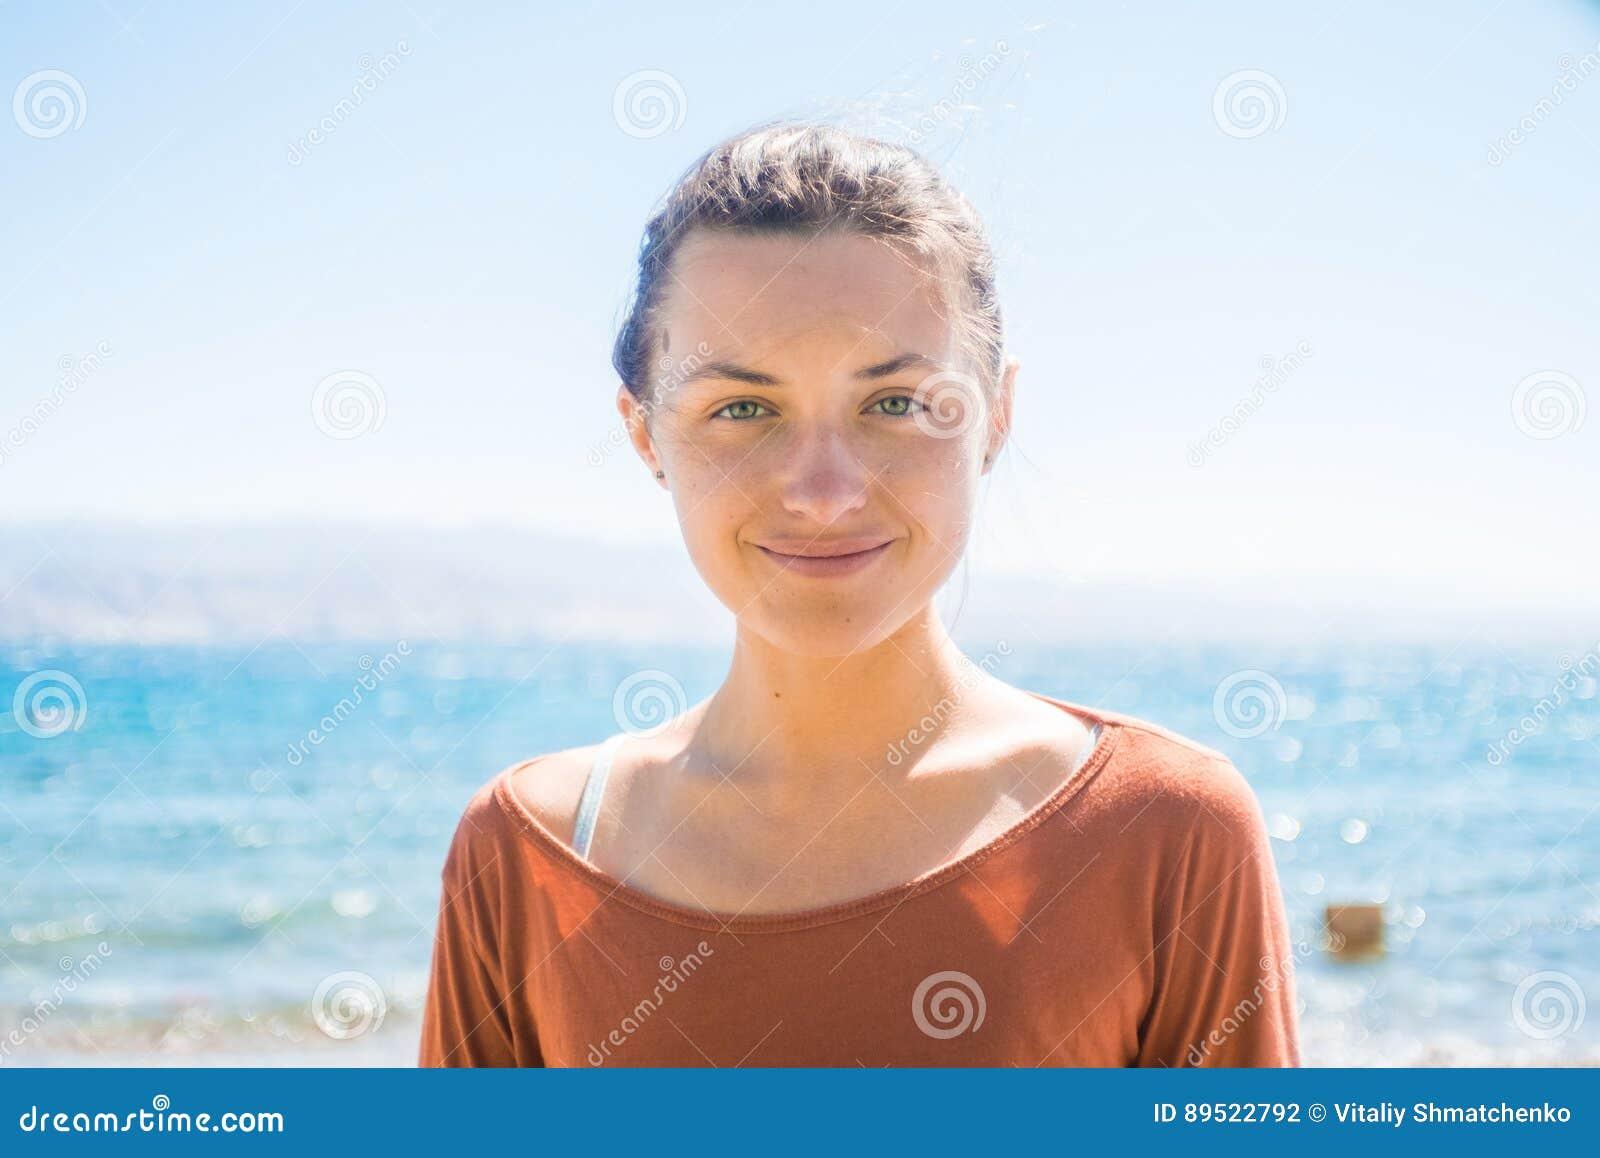 Porträt der glücklichen lächelnden jungen Frau auf dem Strand mit Seehintergrund